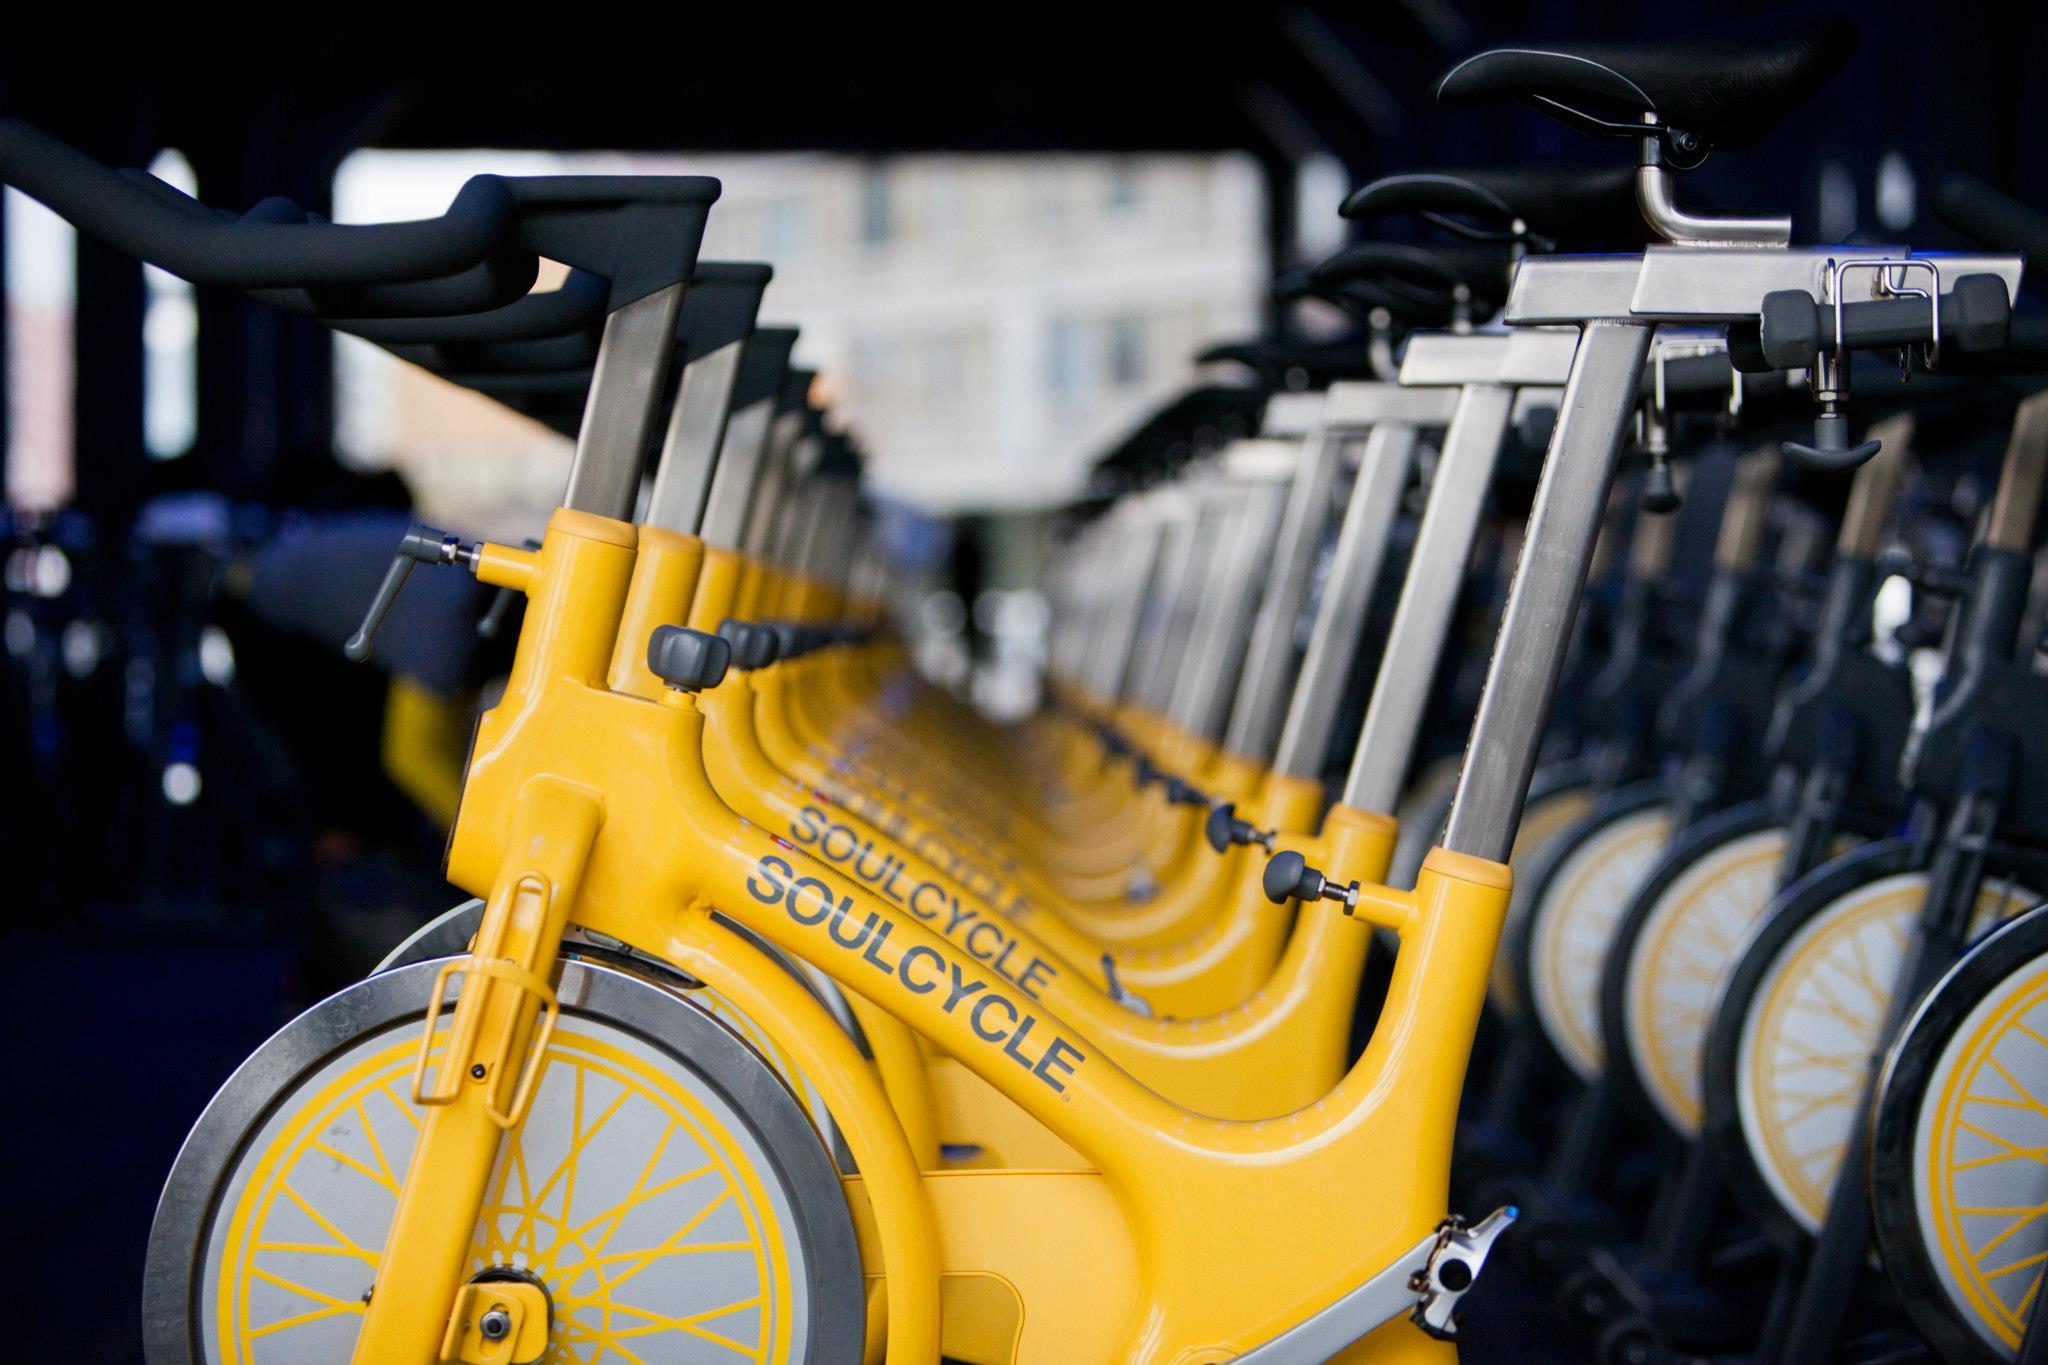 动感单车健身连锁 SoulCycle 申请IPO,销售额两年增长两倍